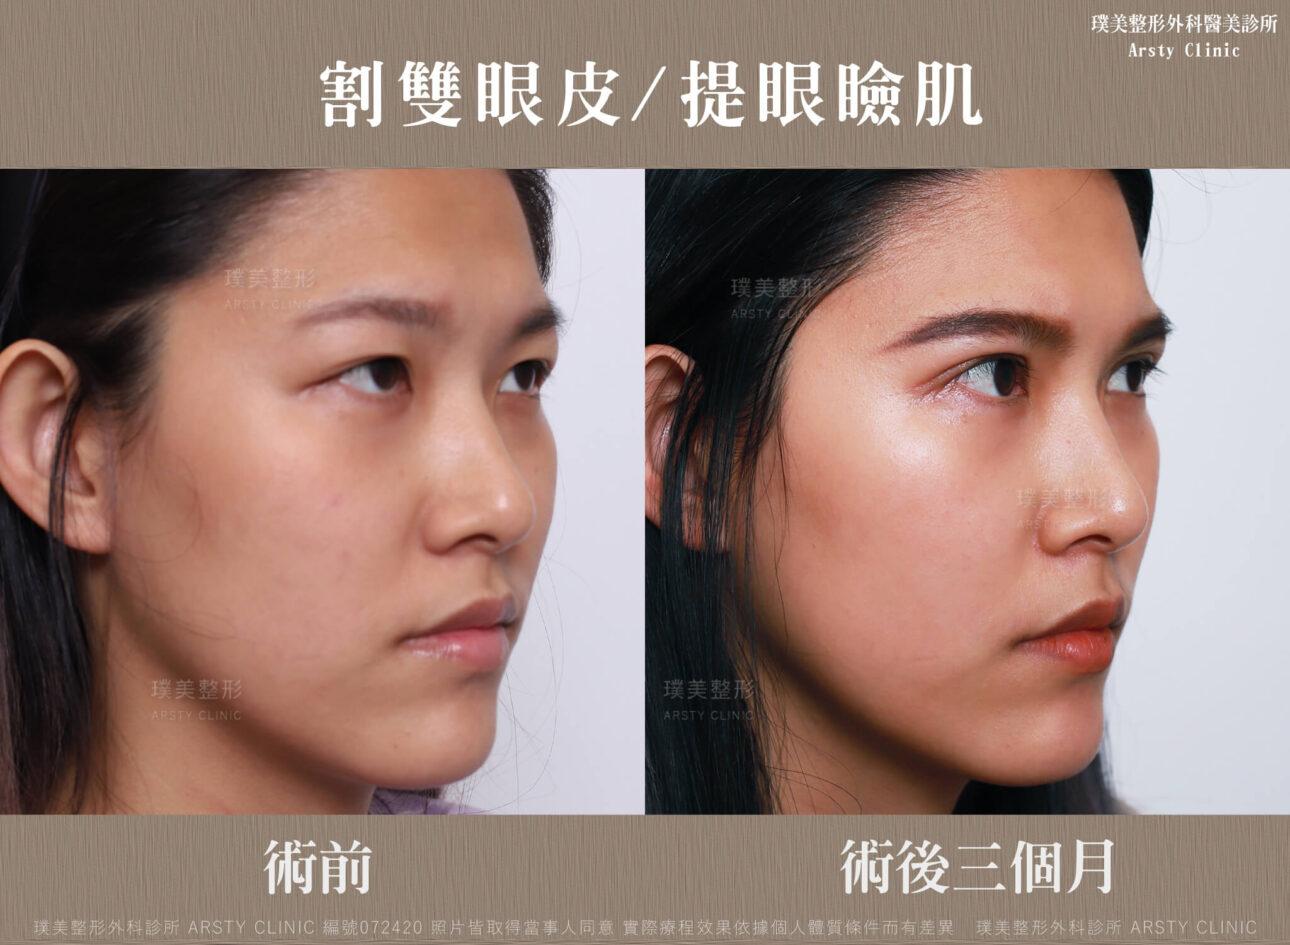 割雙眼皮、提眼瞼肌-BA-右45-072420-3M